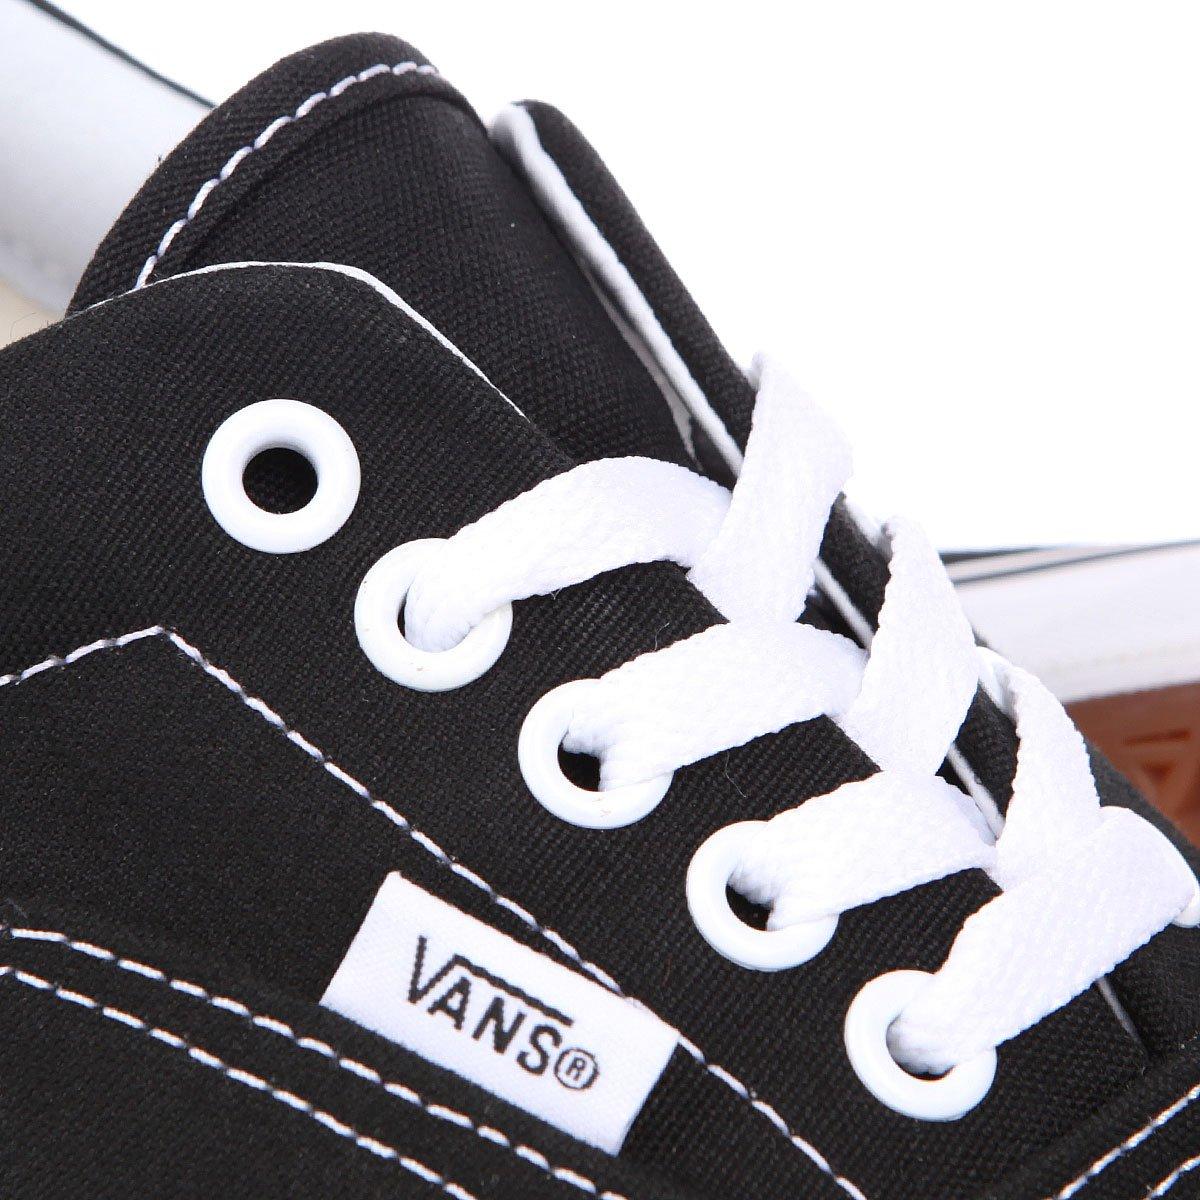 Купить кеды низкие Vans Era Black в интернет-магазине Proskater.ru 1d7dfd73ccd